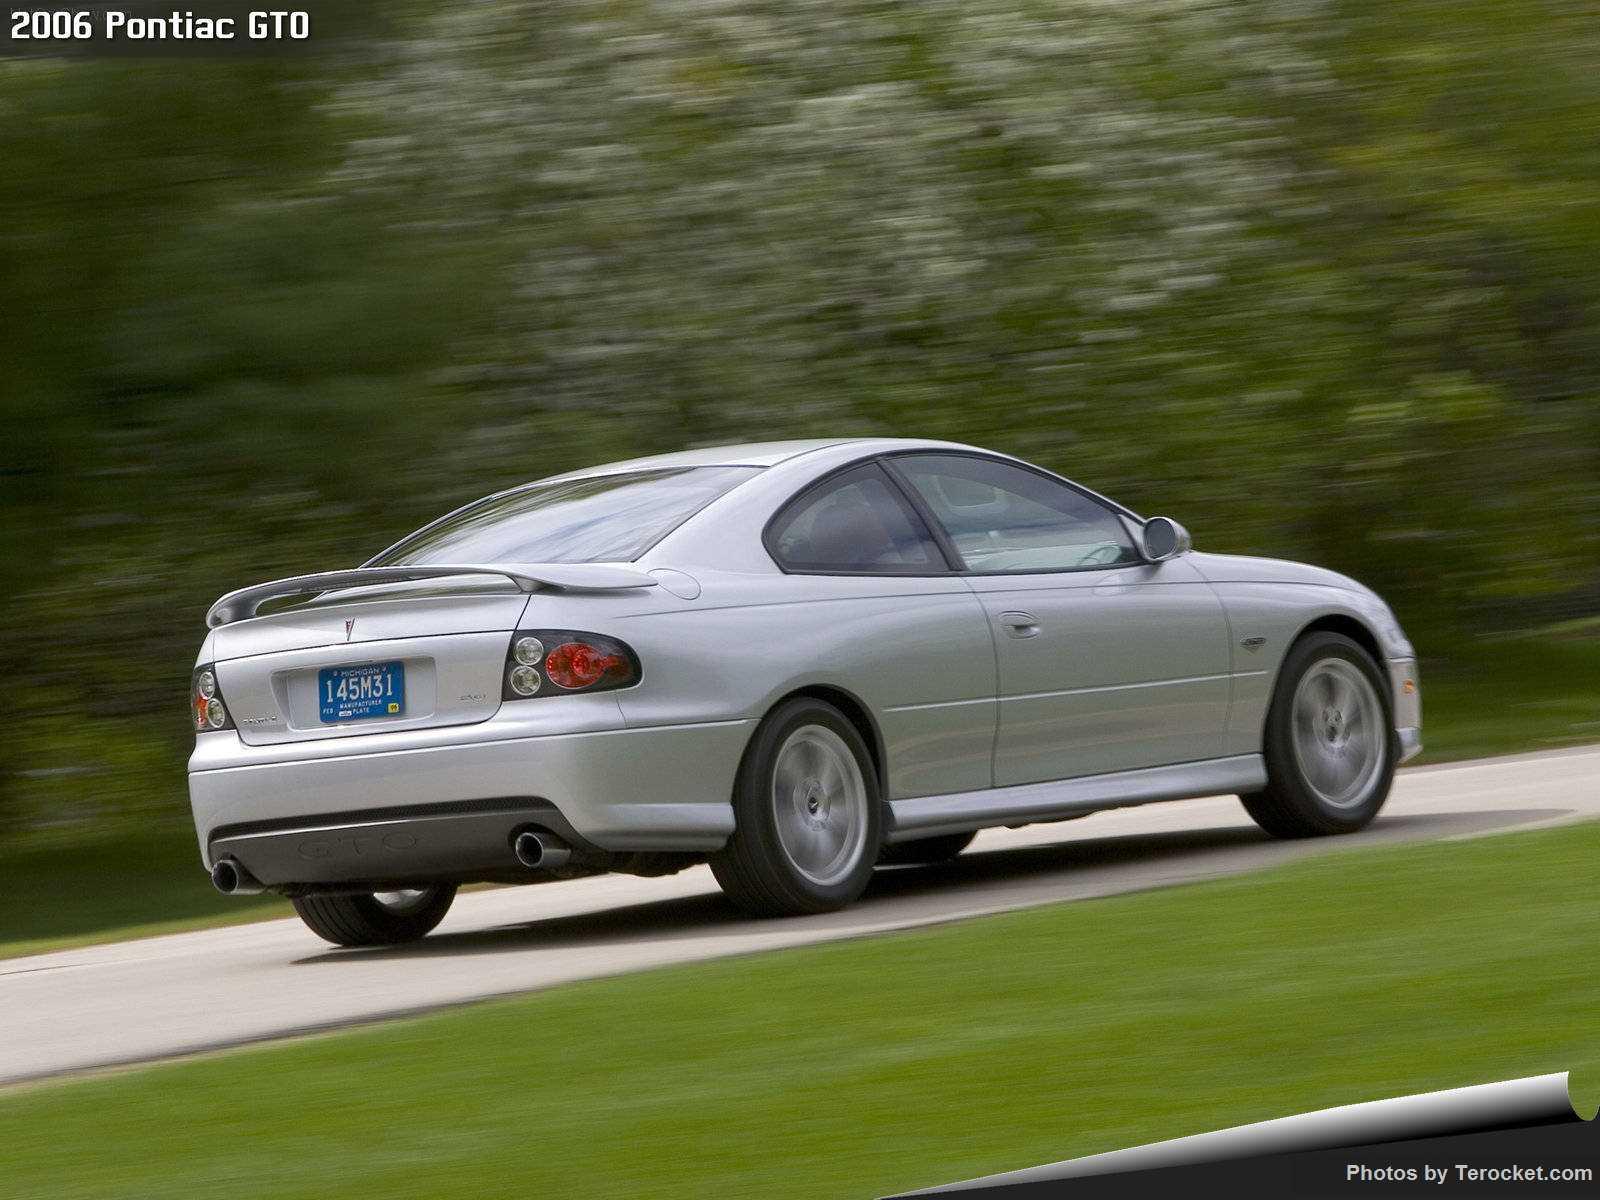 Hình ảnh xe ô tô Pontiac GTO 2006 & nội ngoại thất